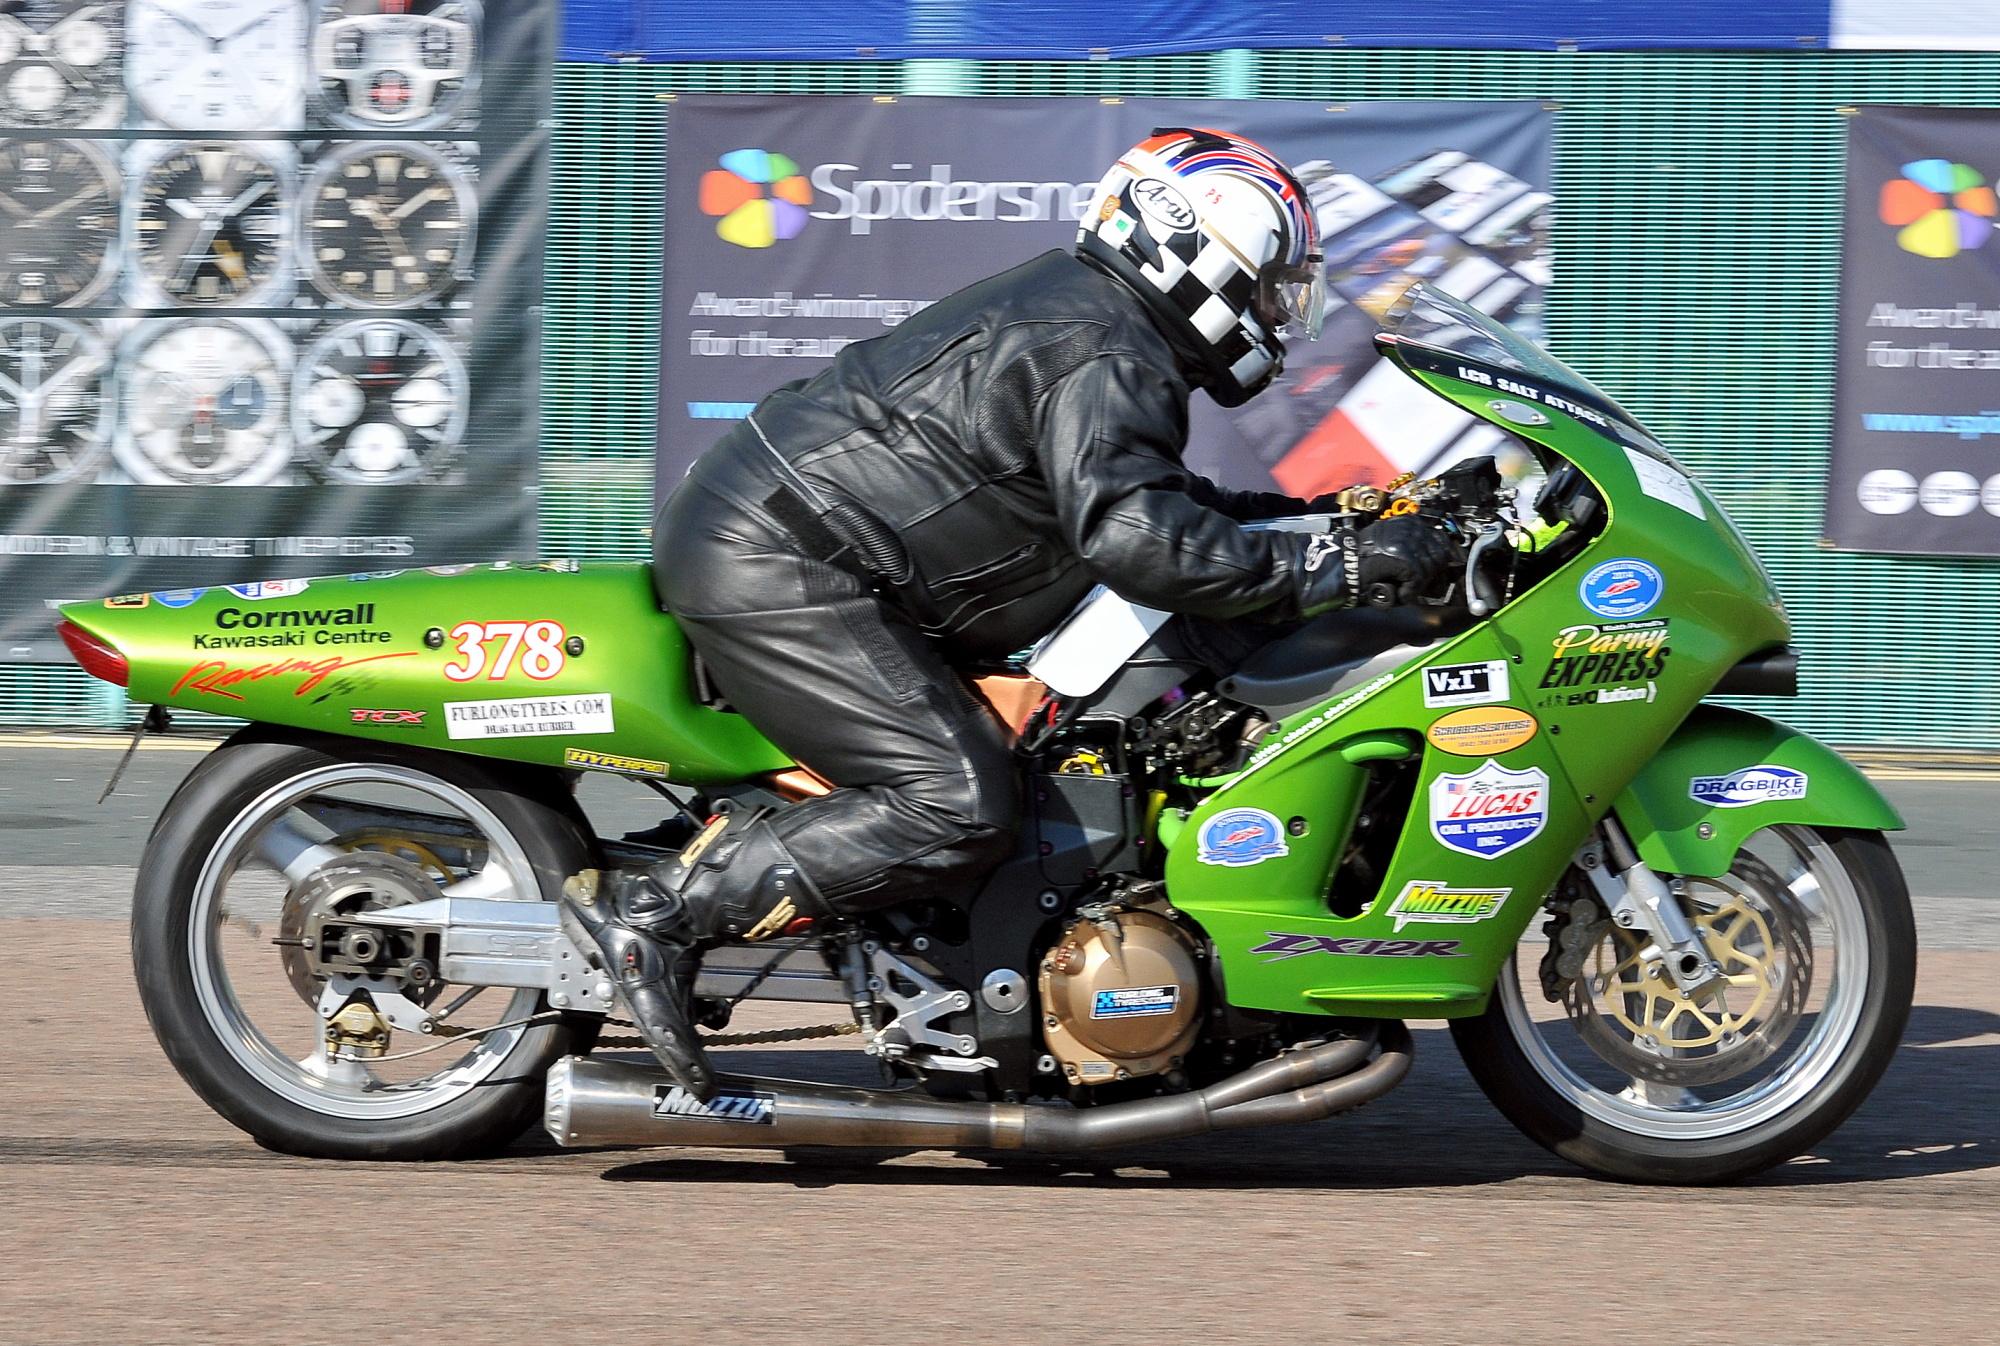 Brighton Speed Trial ZX-12R